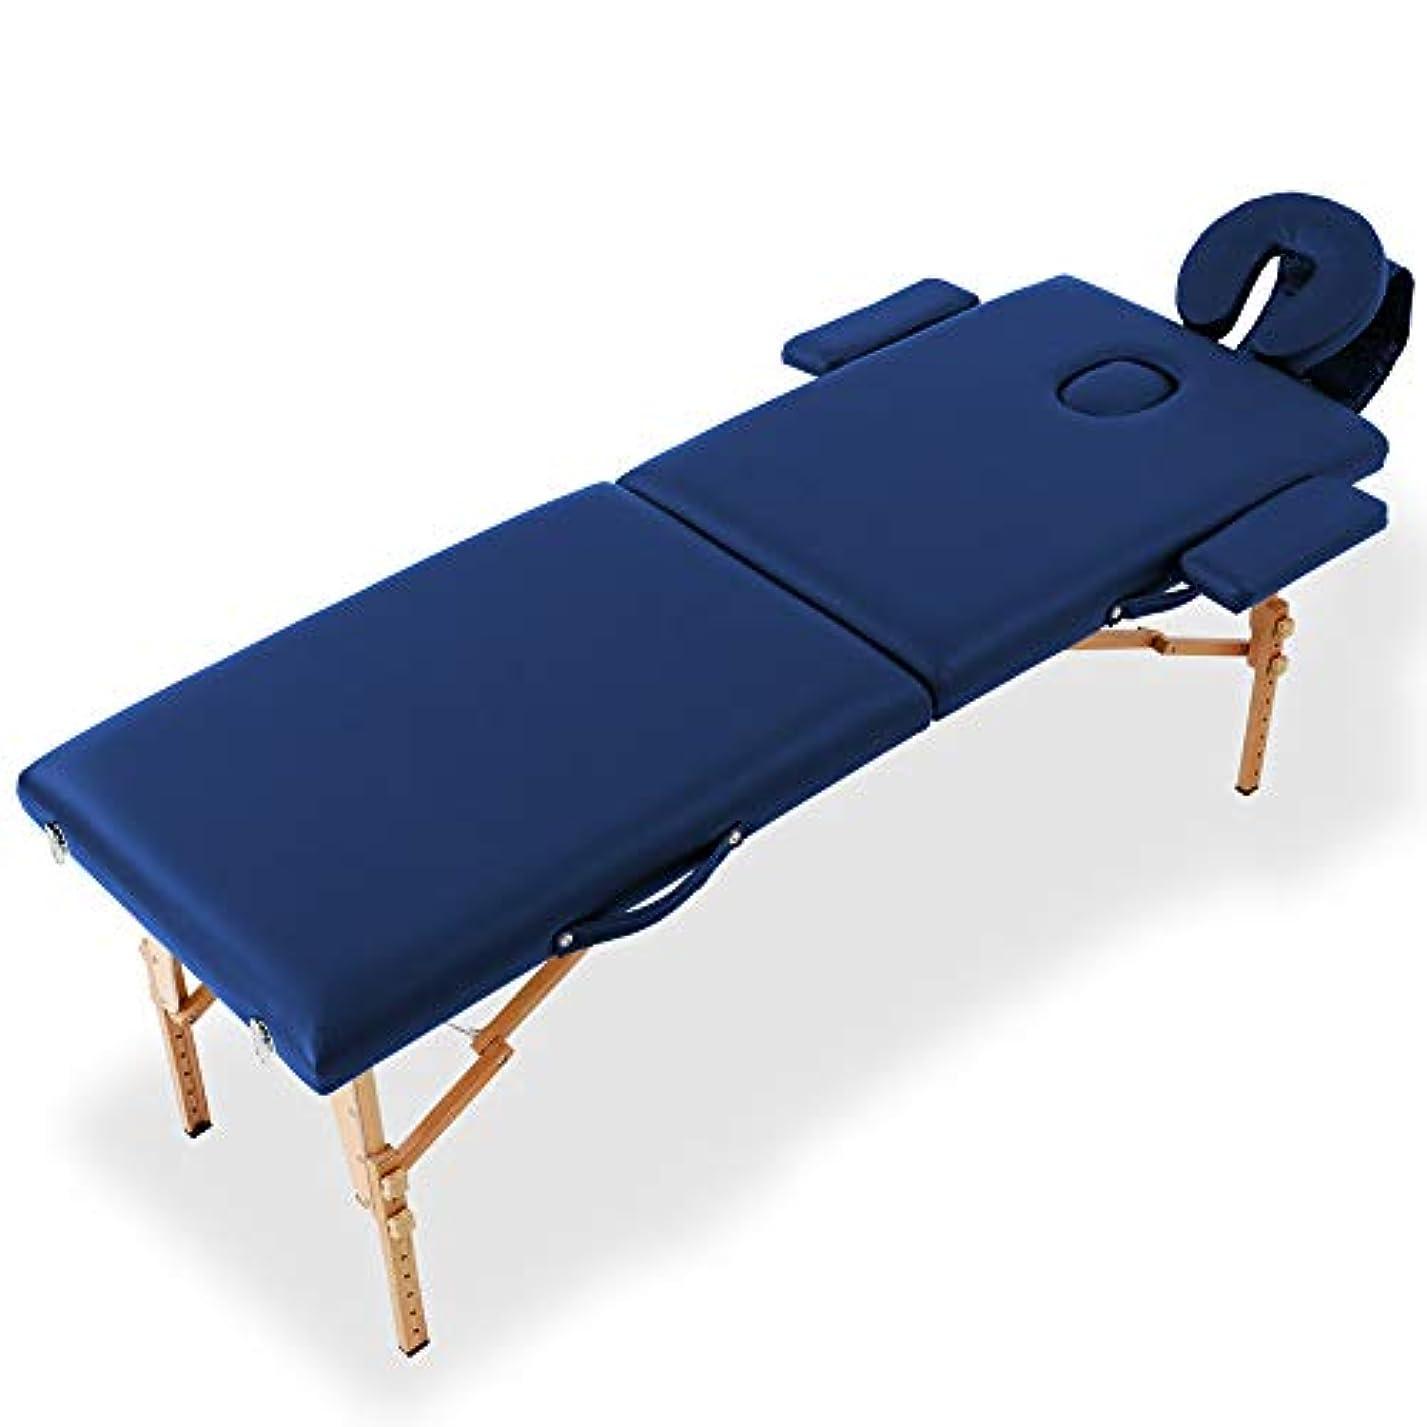 平衡記者シーサイドLOWYA マッサージベッド マッサージ台 軽量 折りたたみ コンパクト キャリーバック ブルー